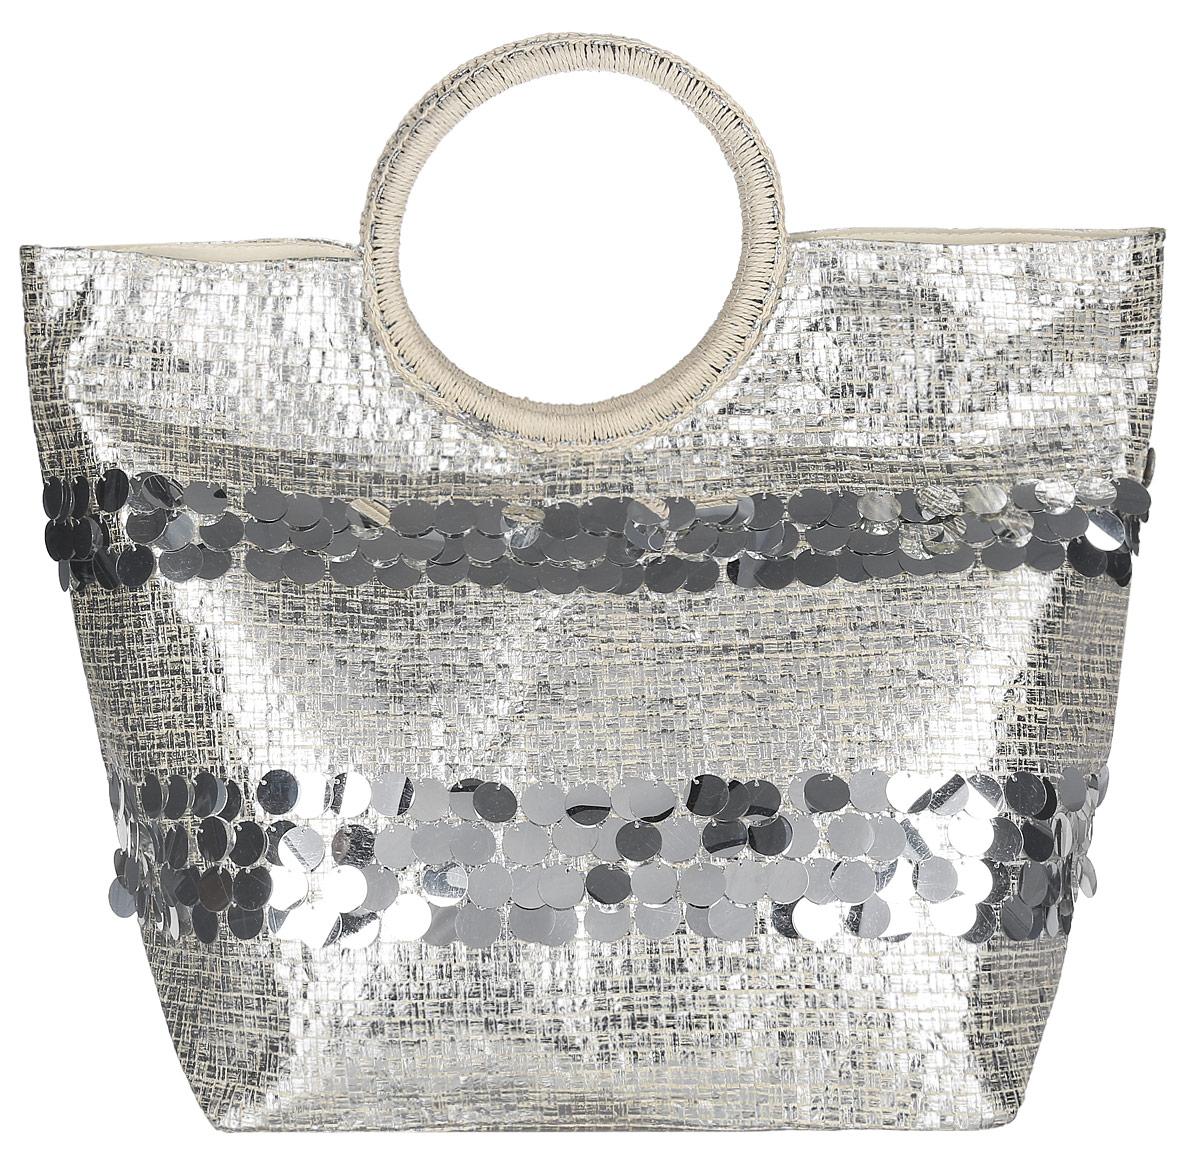 Сумка пляжная женская Moltini, цвет: бежевый, серебристый. 7T-16027T-1602Яркая пляжная женская сумка Moltini выполнена из бумаги, покрытой блестящей краской, с подкладкой из полиэстера. Модель оформлена крупными пайетками. Изделие состоит из одного вместительного отделения и закрывается на магнитную кнопку. Внутри отделения на боковой стенке расположен один накладной открытый карман для мелких принадлежностей или телефона. Сумка оснащена ручкой оригинального дизайна, которая декорирована бумажной нитью. Размеры сумки позволят вместить в нее все необходимое, что понадобится вам на пляже. Практичная, яркая и стильная сумка прекрасно завершит ваш образ и будет незаменима в летний период.